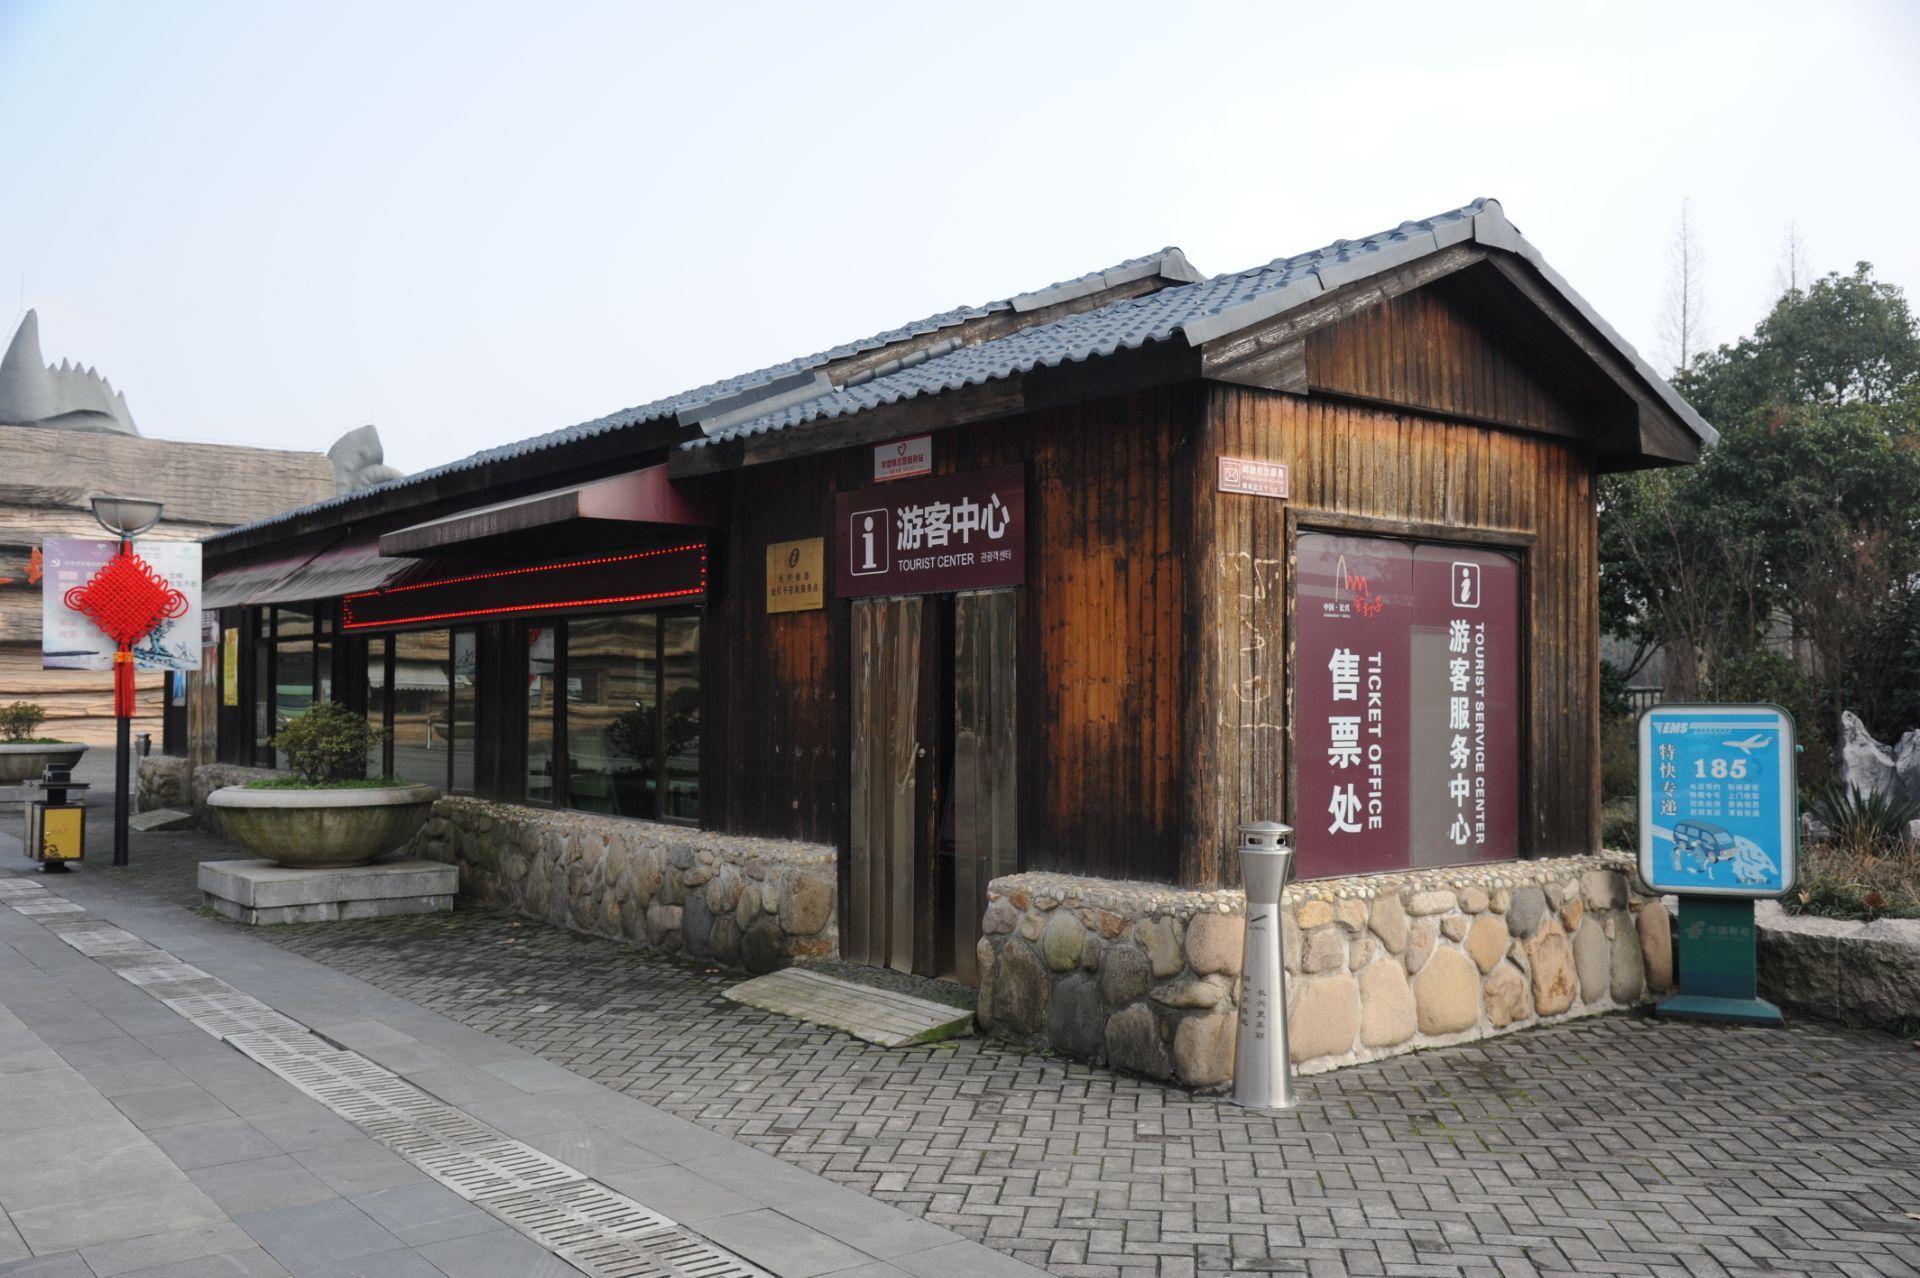 Jindingzi Geological Museum